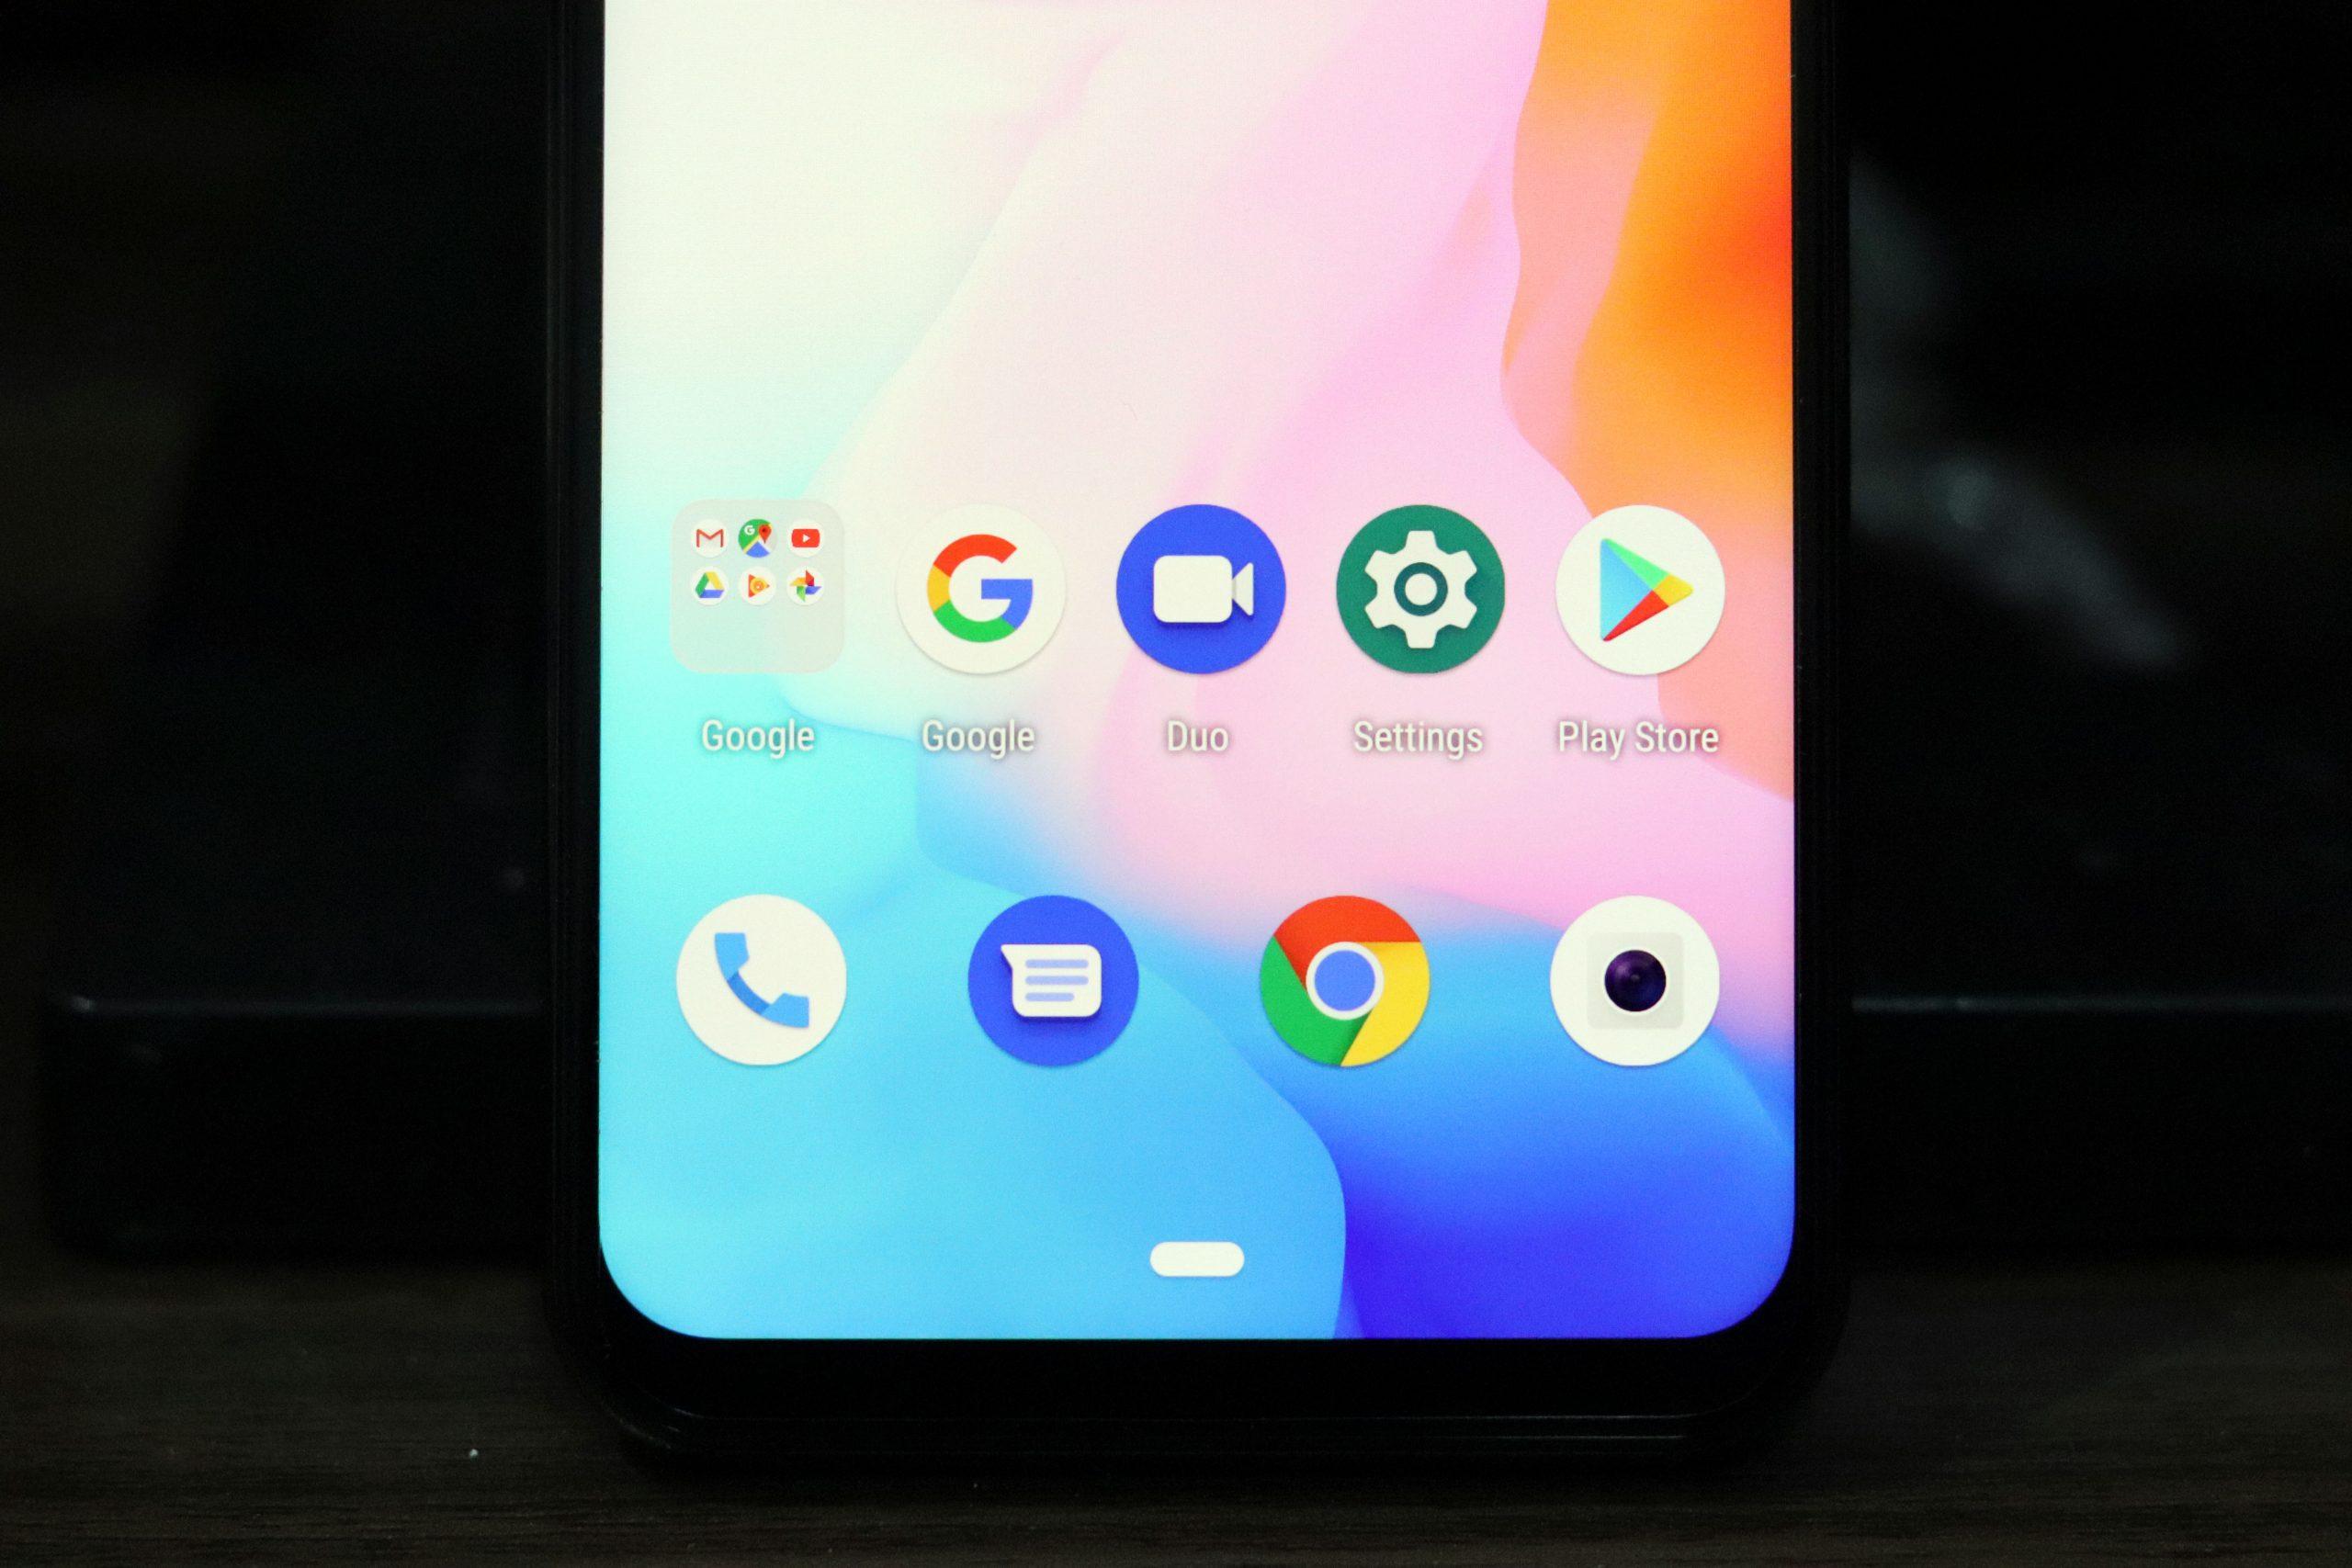 Revisiones Cubot X20 Pro: ¿Sigue siendo el mejor para teléfonos económicos? En XiaomiToday 8